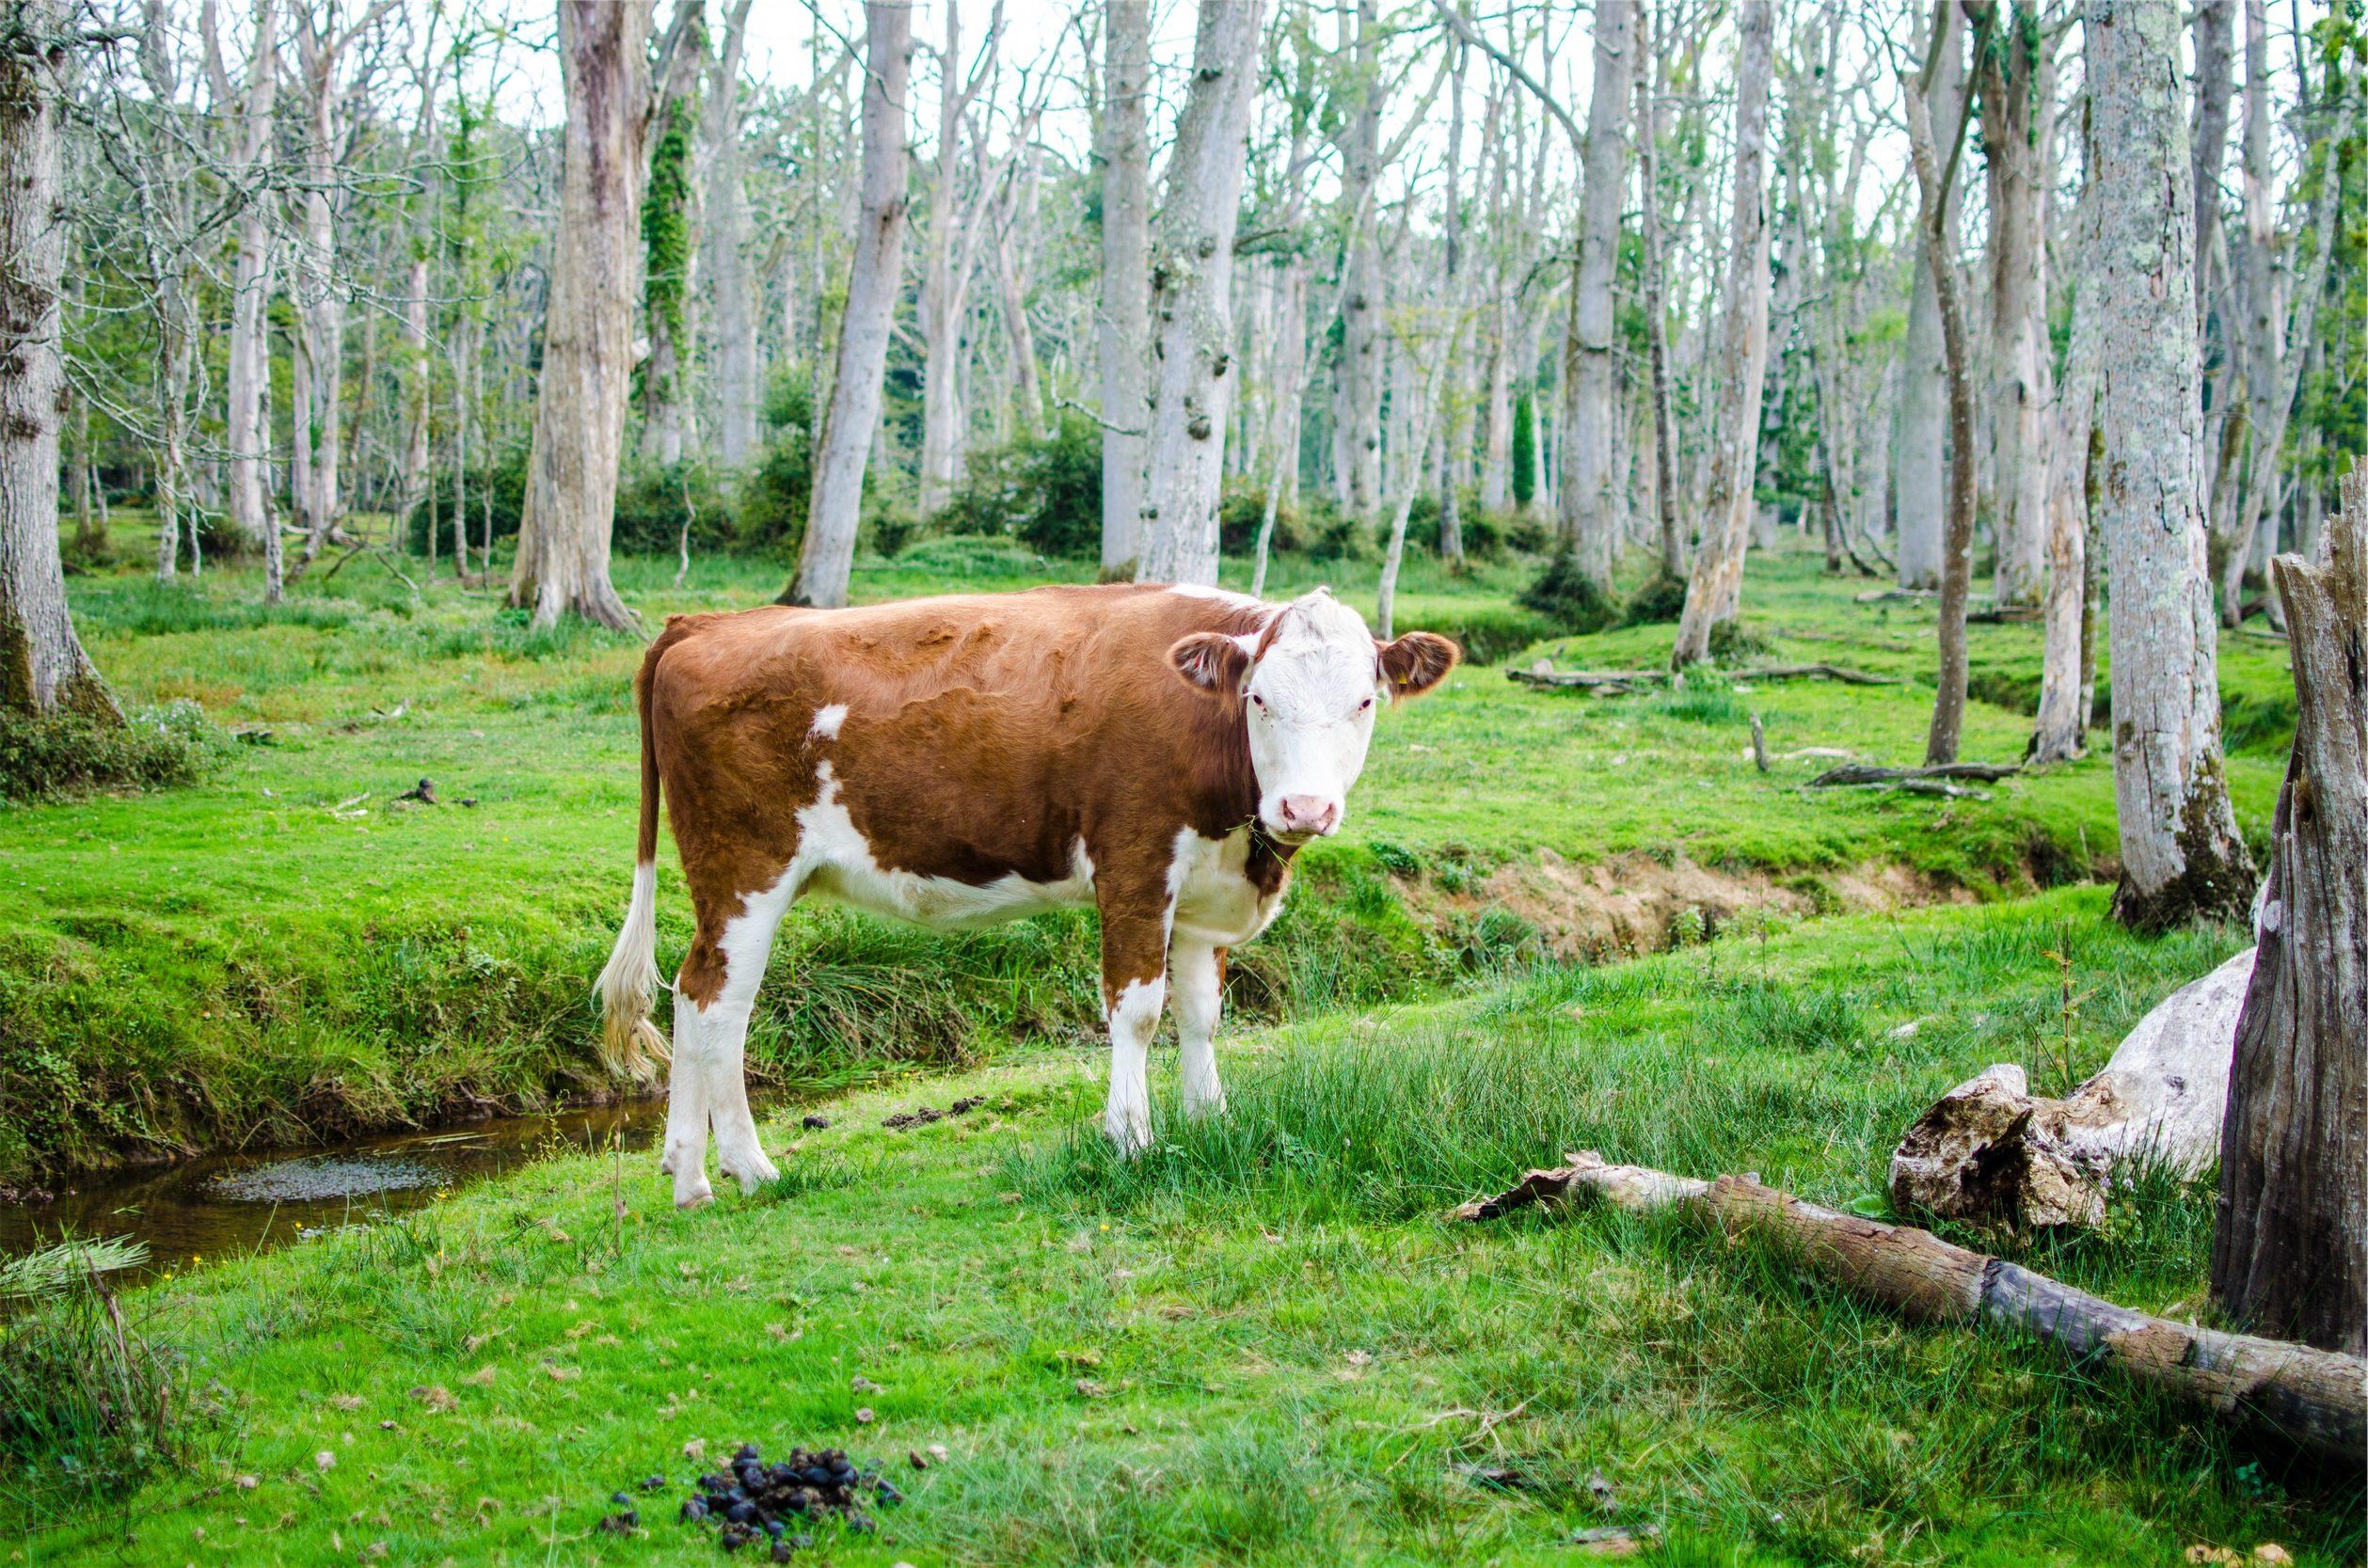 vaca, bovino, floresta, Olha, árvores - Papéis de parede HD - Professor-falken.com